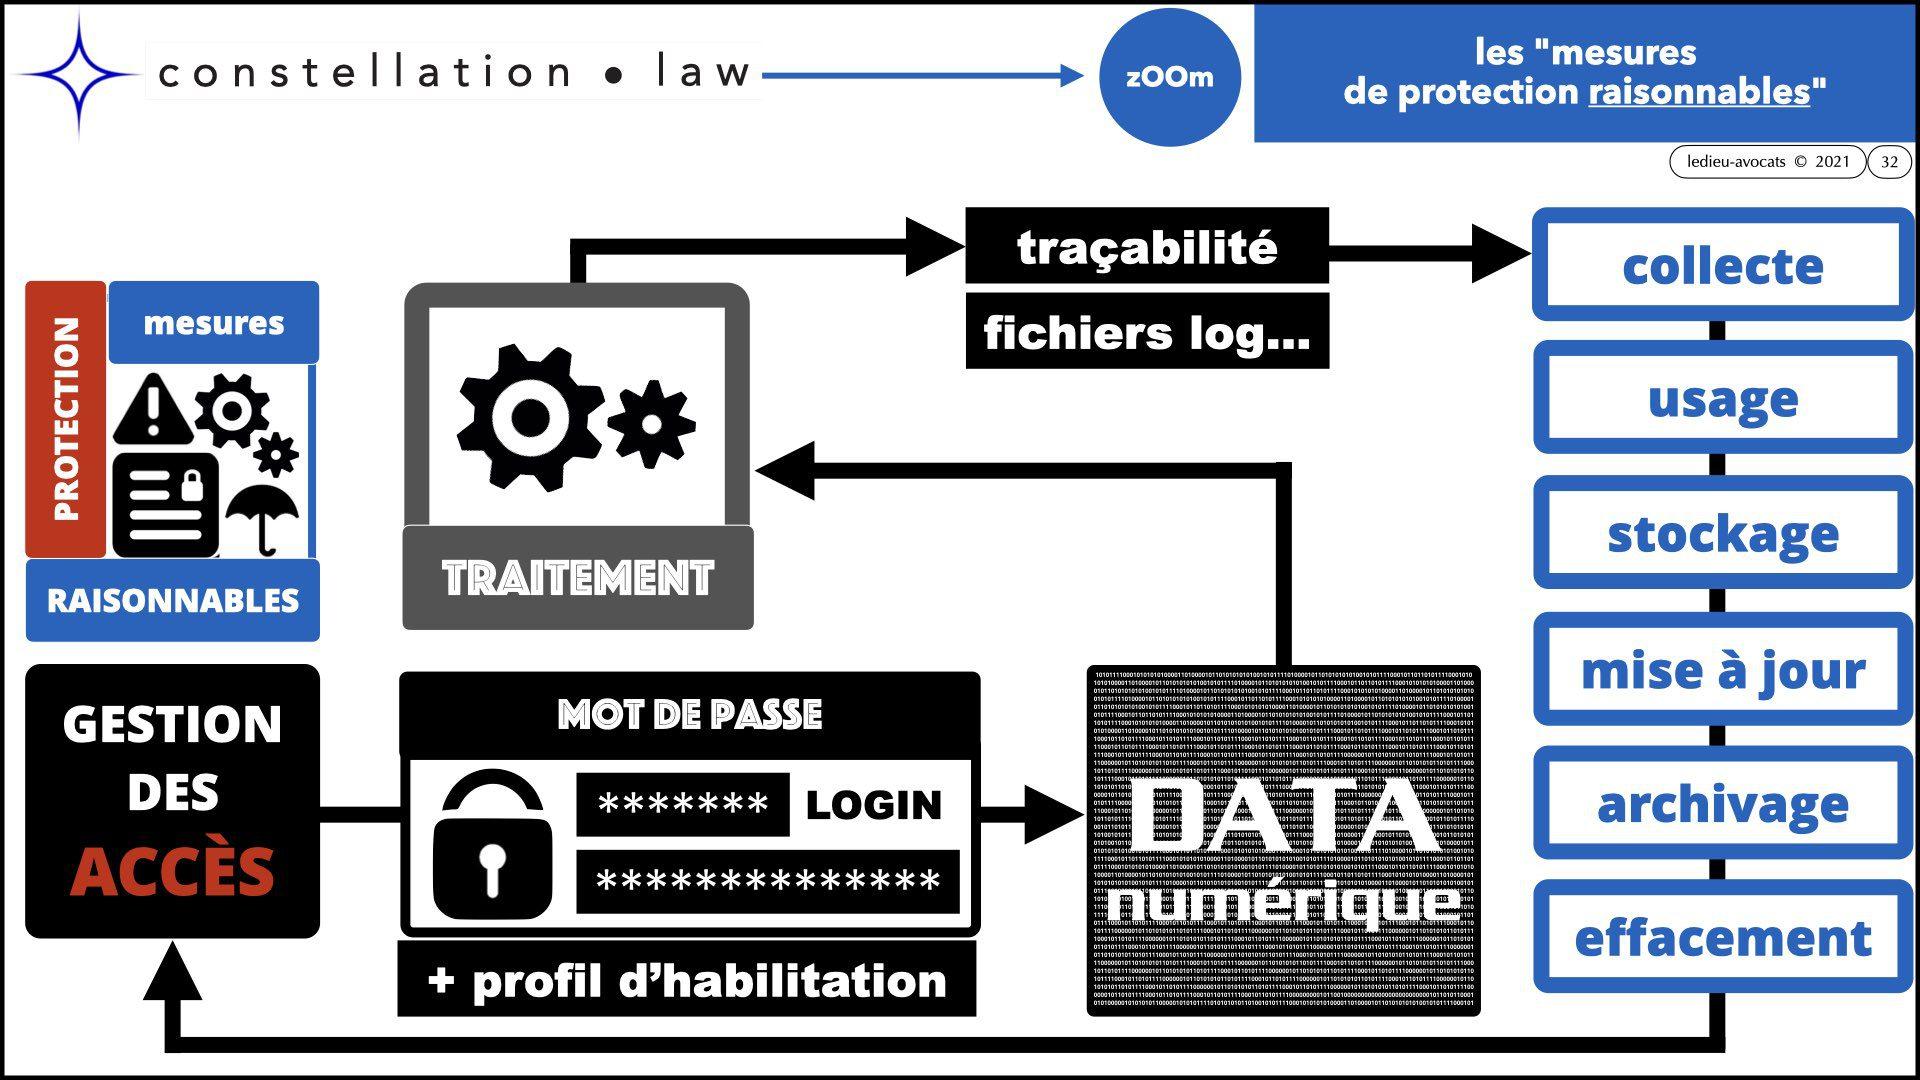 #346 zOOm X'UP SECRET d'affaire confidentialité non disclosure NDA © Ledieu Avocats technique droit numerique BLOG en BD 12-09-2021.032